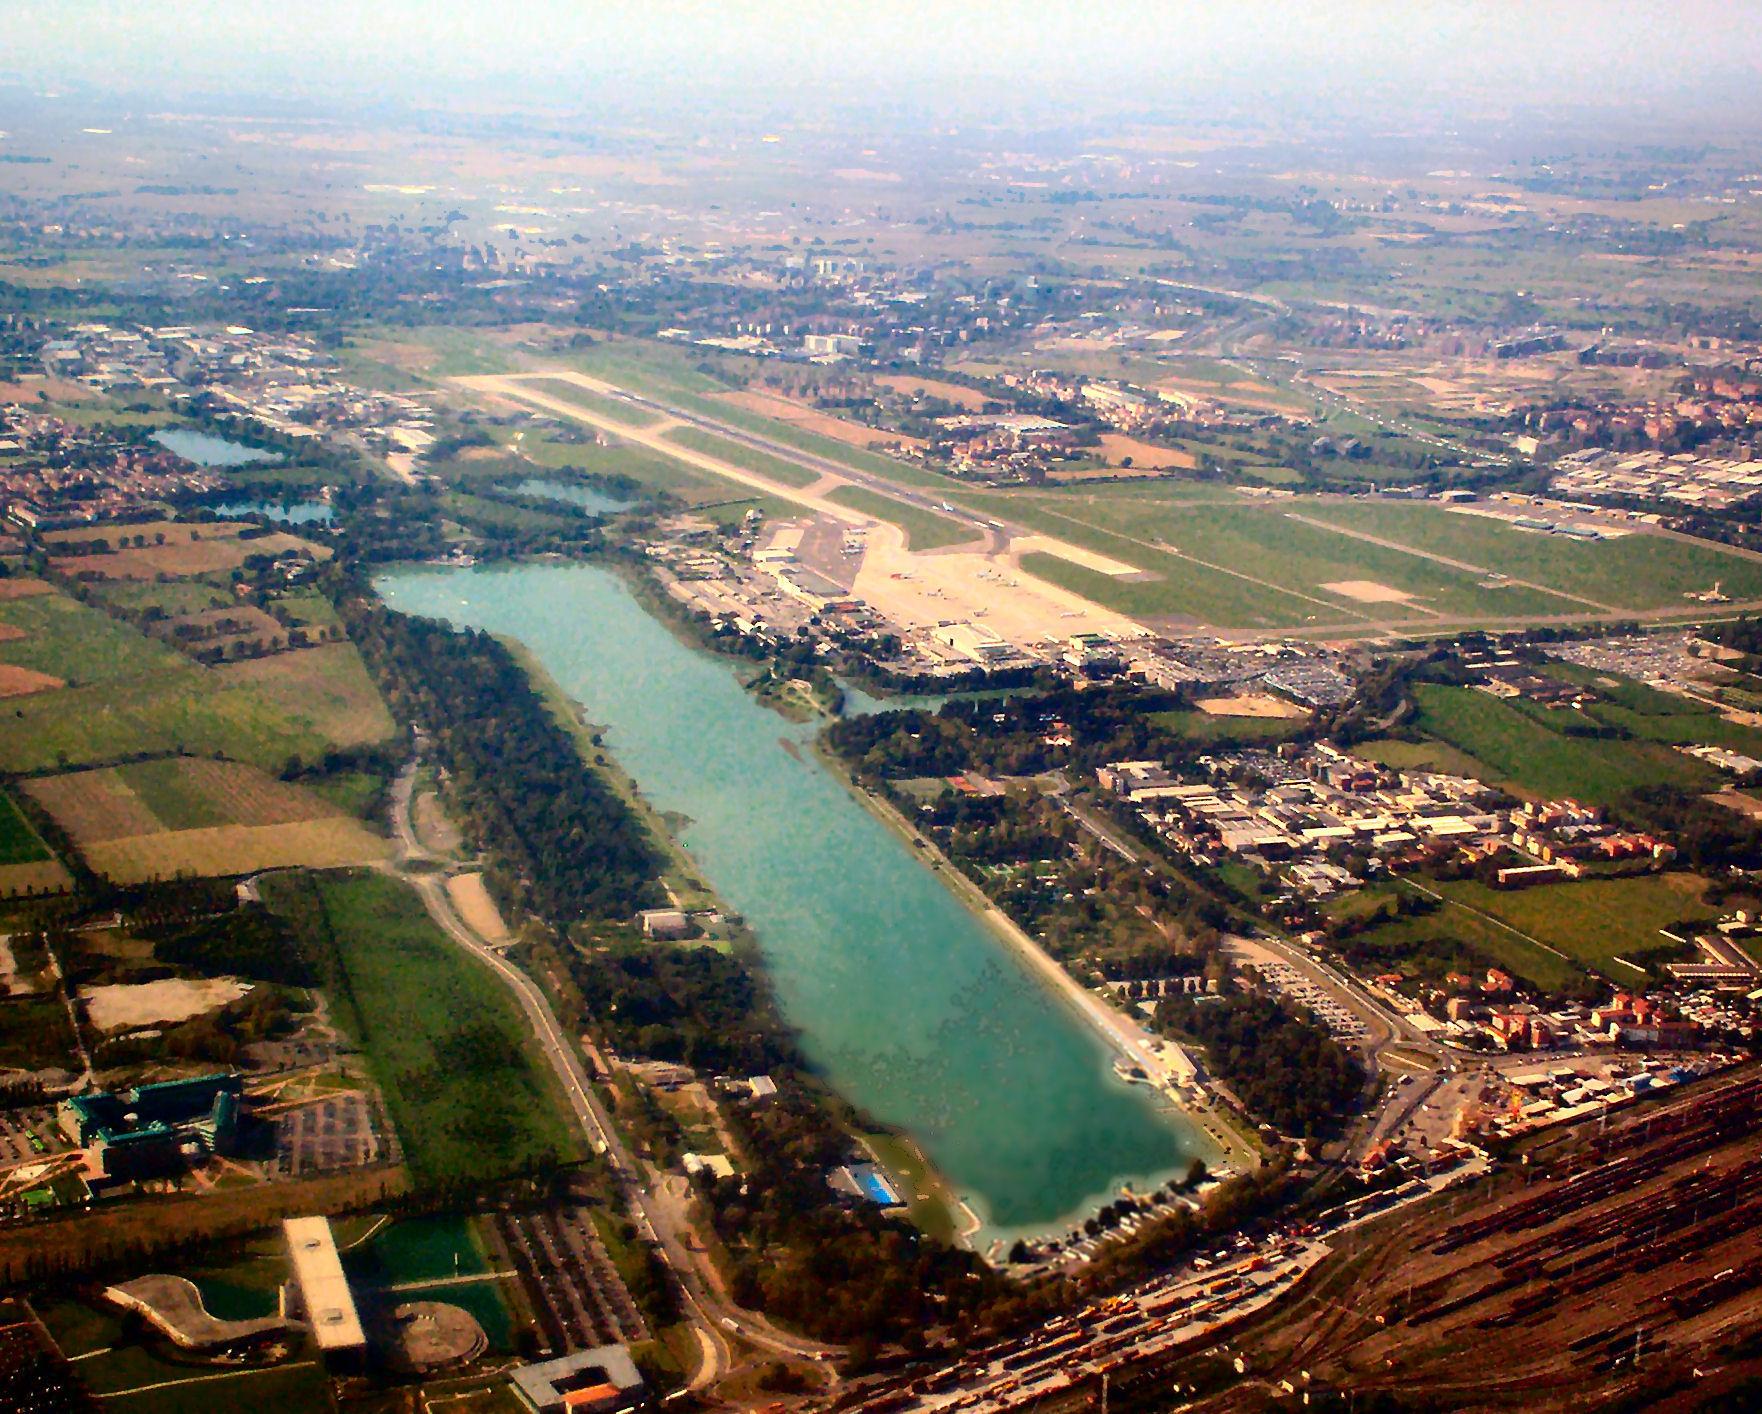 L'idroscalo, il mare dei milanese, visto dall'alto